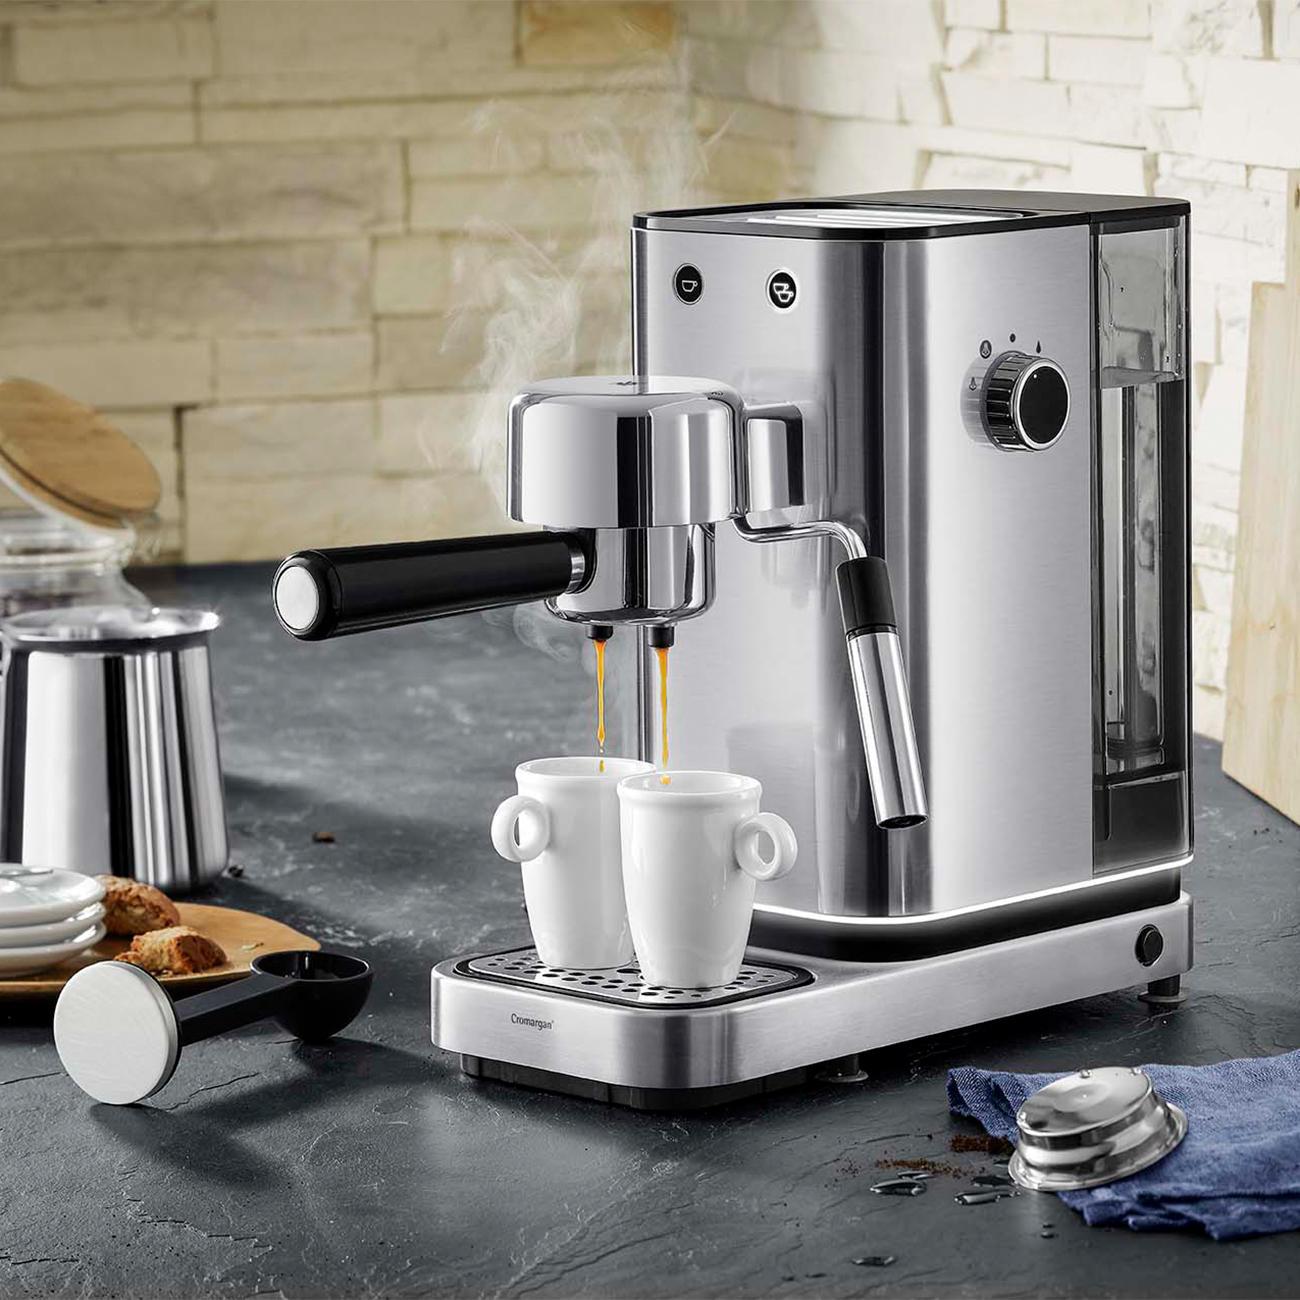 Wmf Espresso Machine Lumero Mit 3 Jahren Garantie